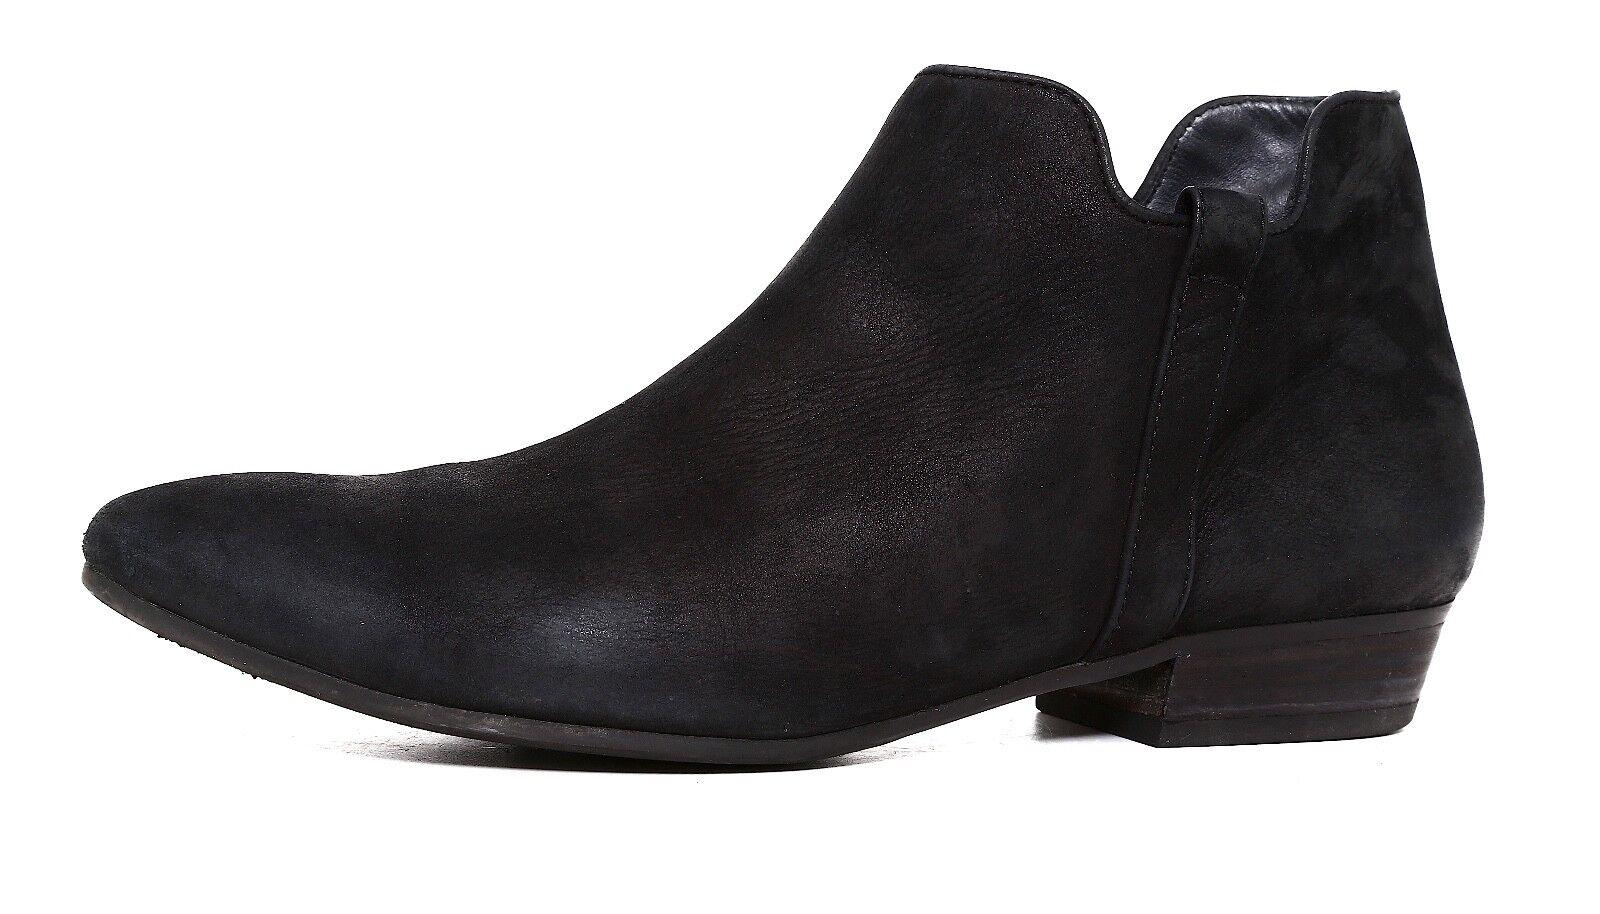 forniamo il meglio Paul verde Dillon Almond Toe Leather Ankle avvioie avvioie avvioie nero donna Sz 5   protezione post-vendita